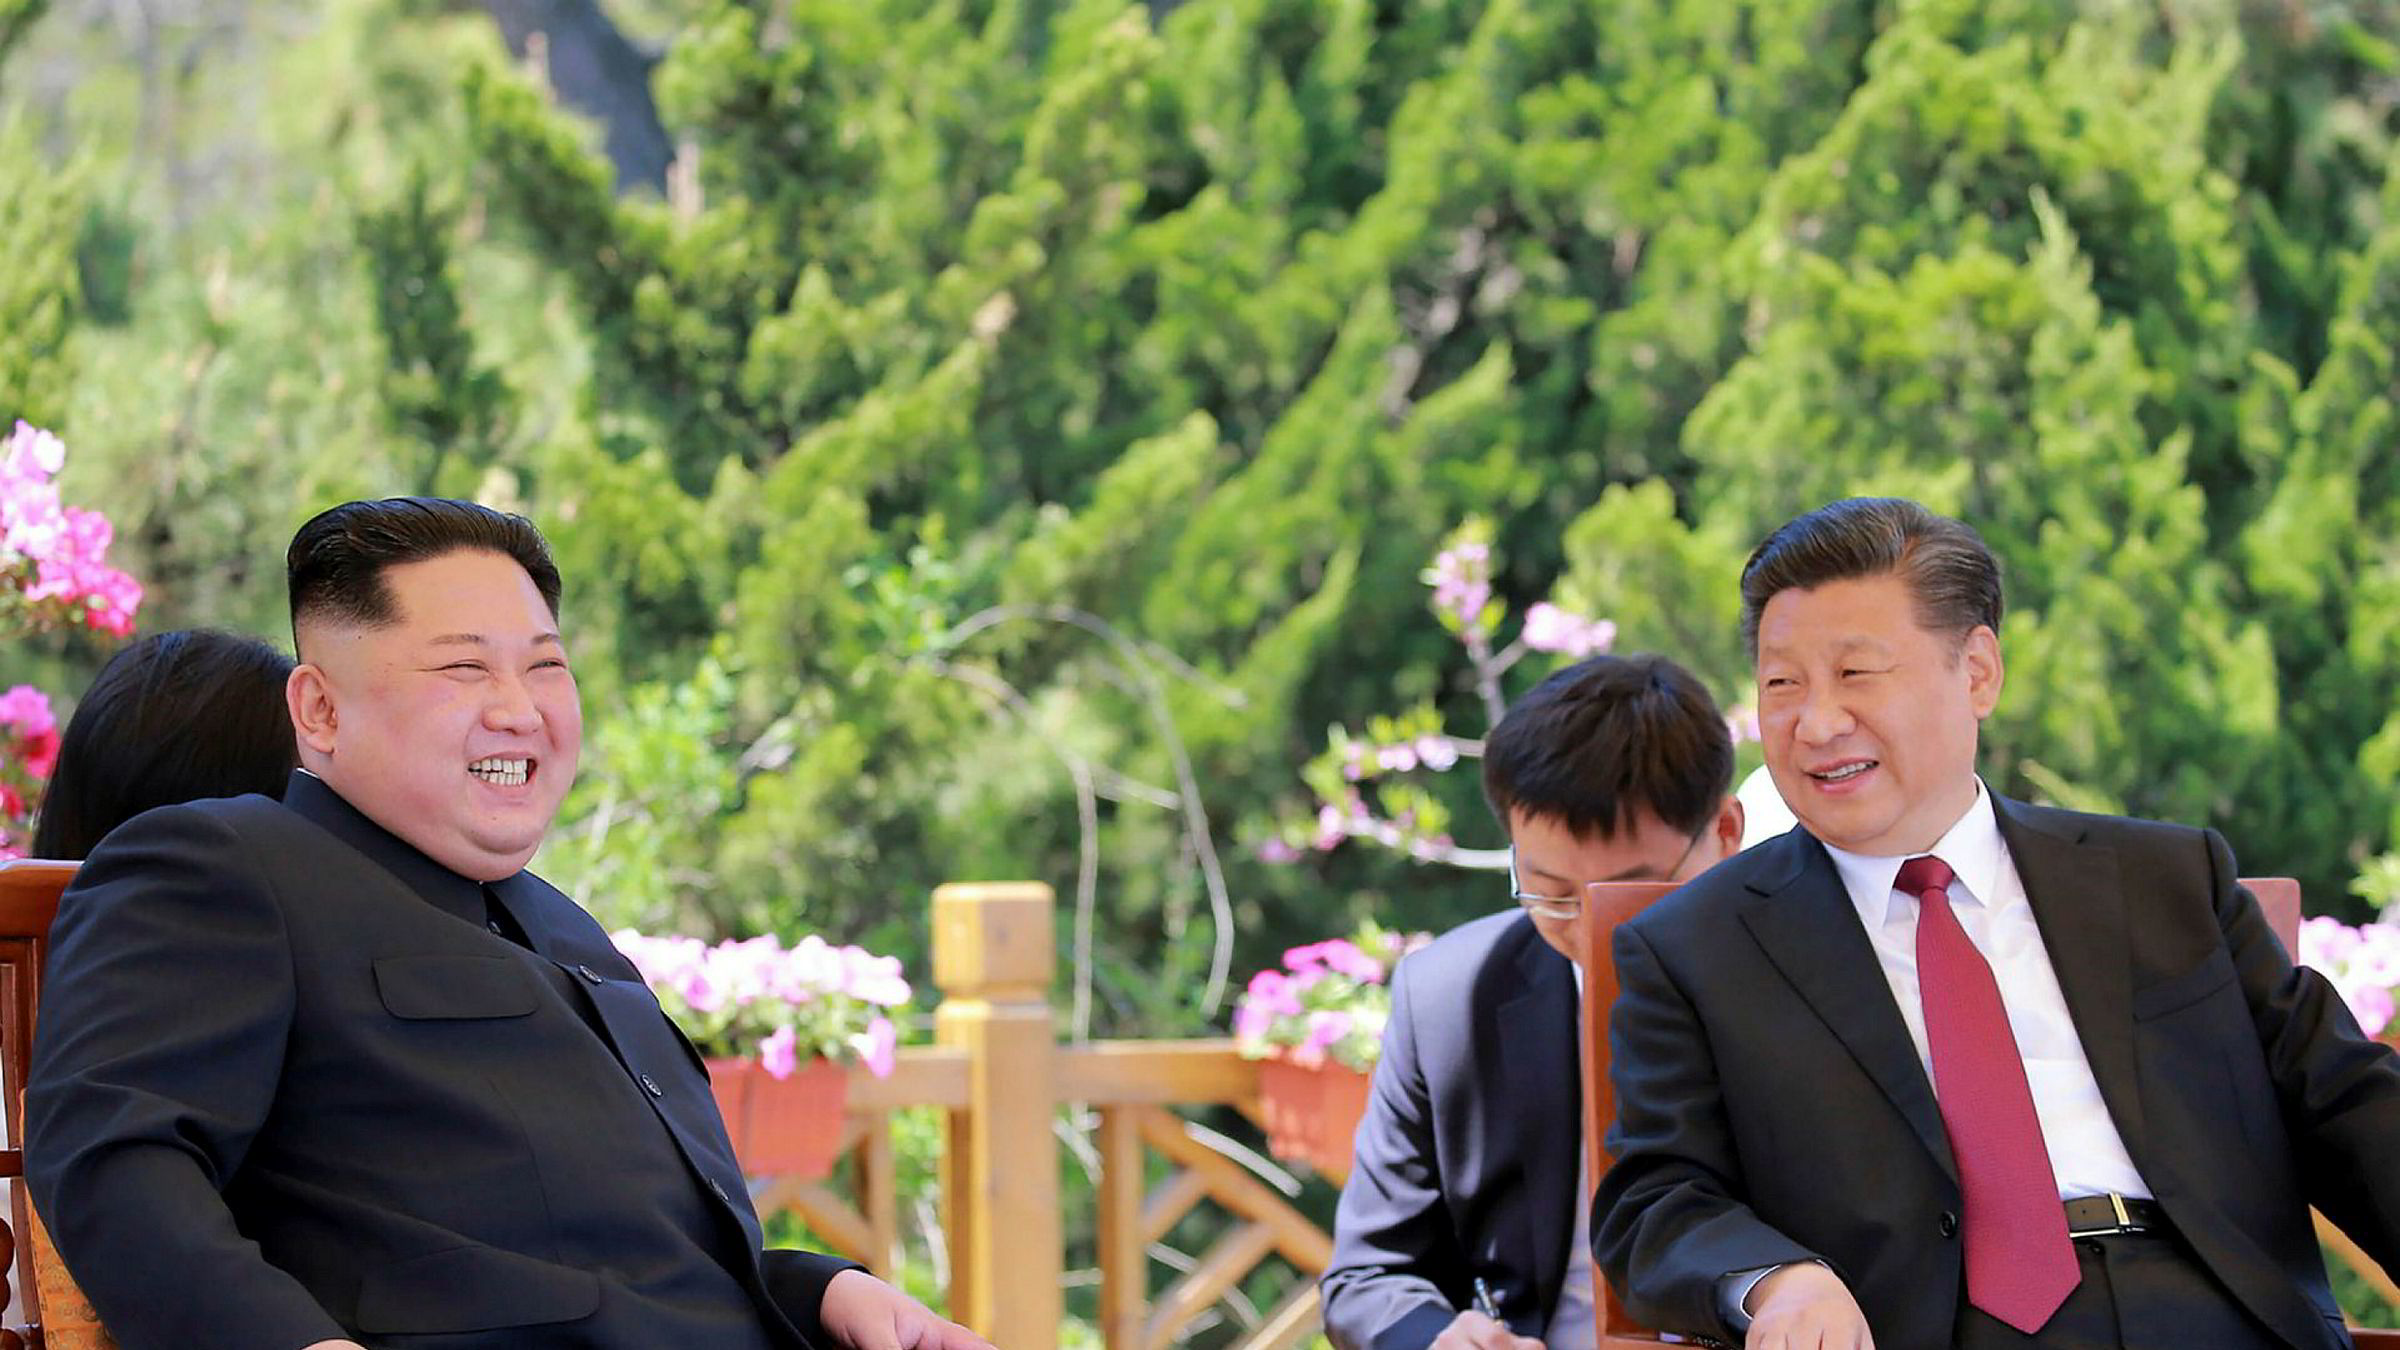 Nord-Koreas leder Kim Jong Un skal på nytt besøk til Kina denne uken. Bildet er fra et av de tidligere møtene med Kinas leder Xi Jinping.